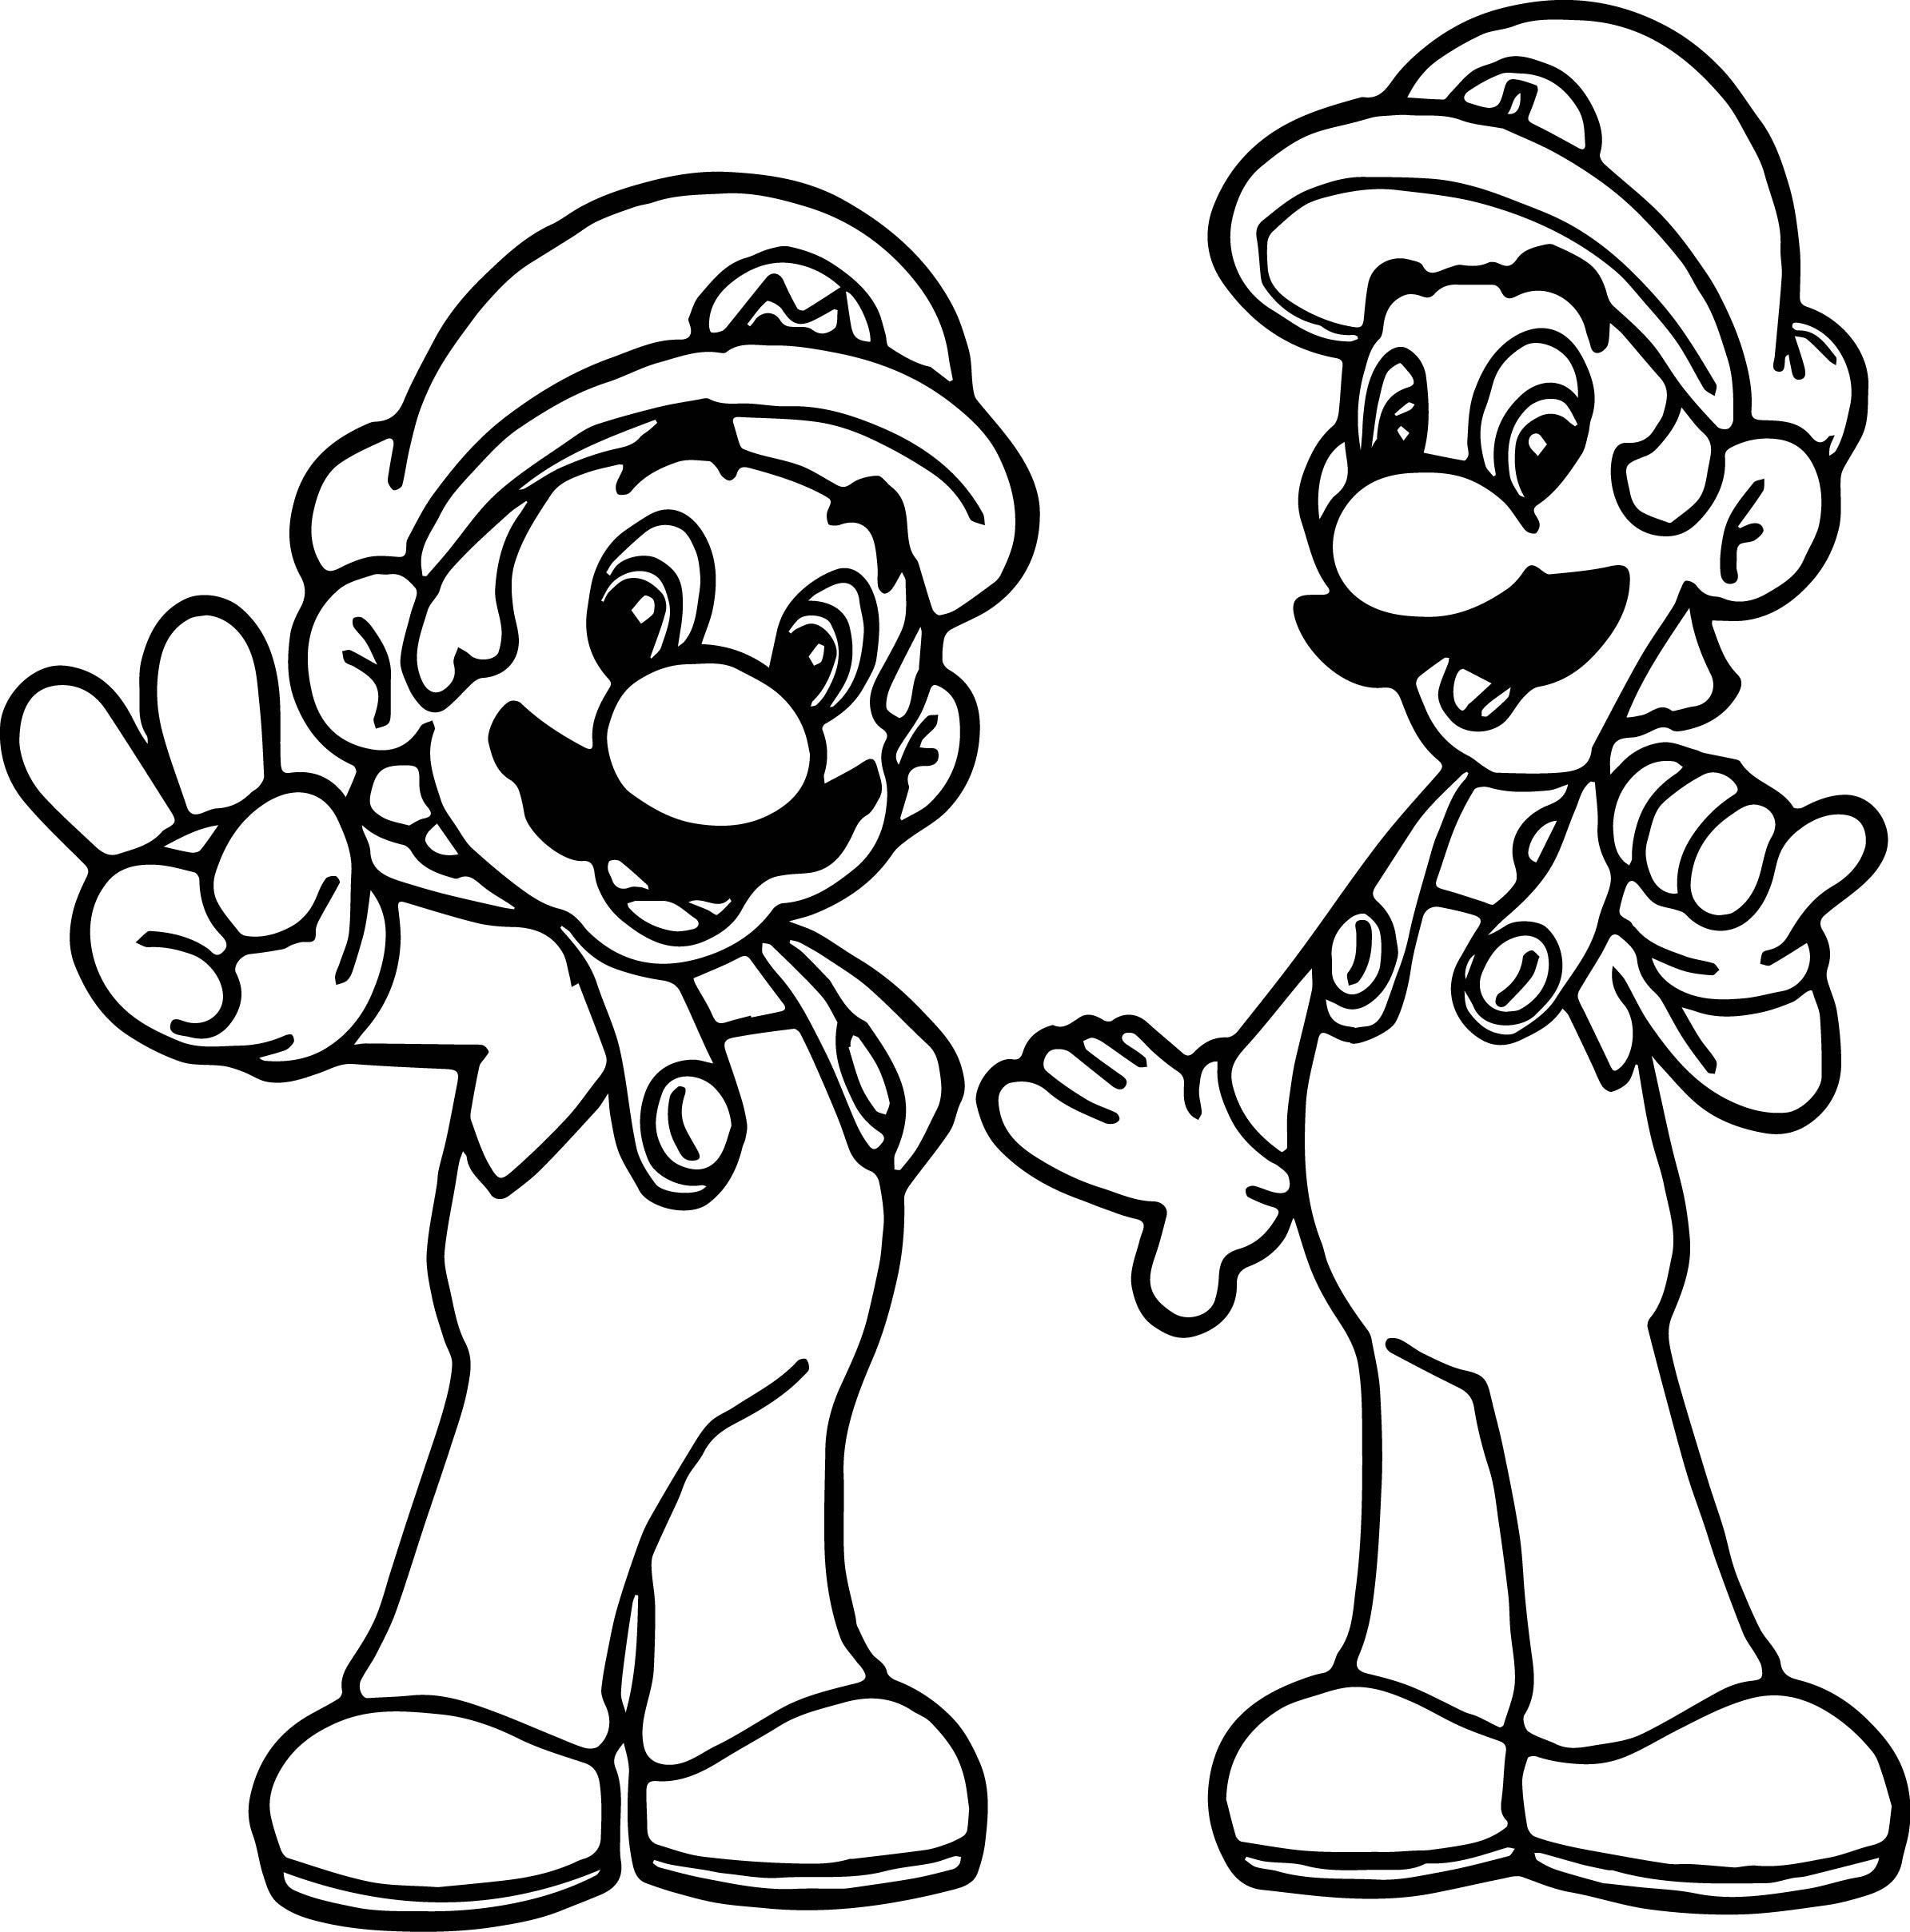 mario and luigi coloring super mario and luigi all right coloring page mario luigi coloring and